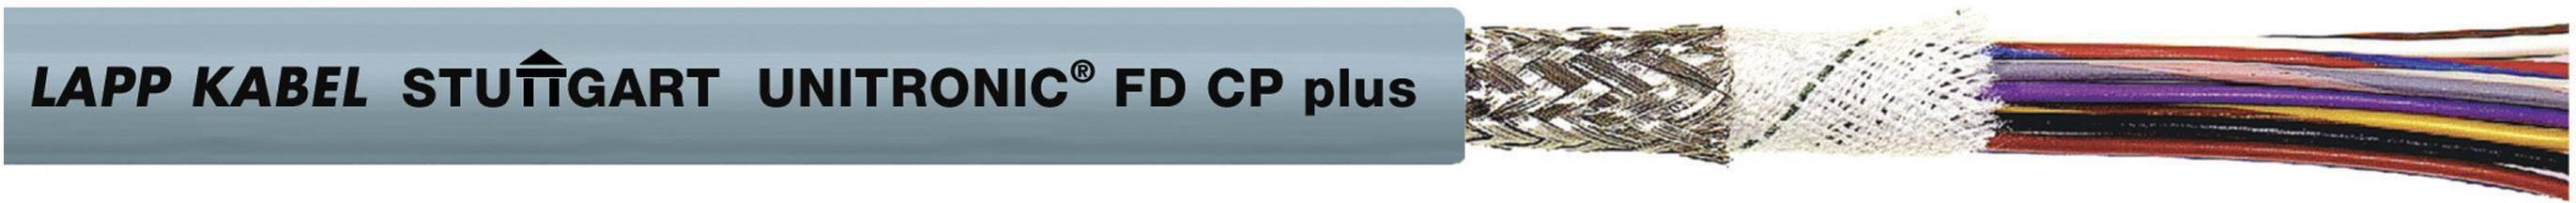 Datový kabel LappKabel UNITRONIC FD CP PLUS 3X0,14 (0028881), 3x 0,14 mm², Ø 4,5 mm, stíněný, 500 m, šedá